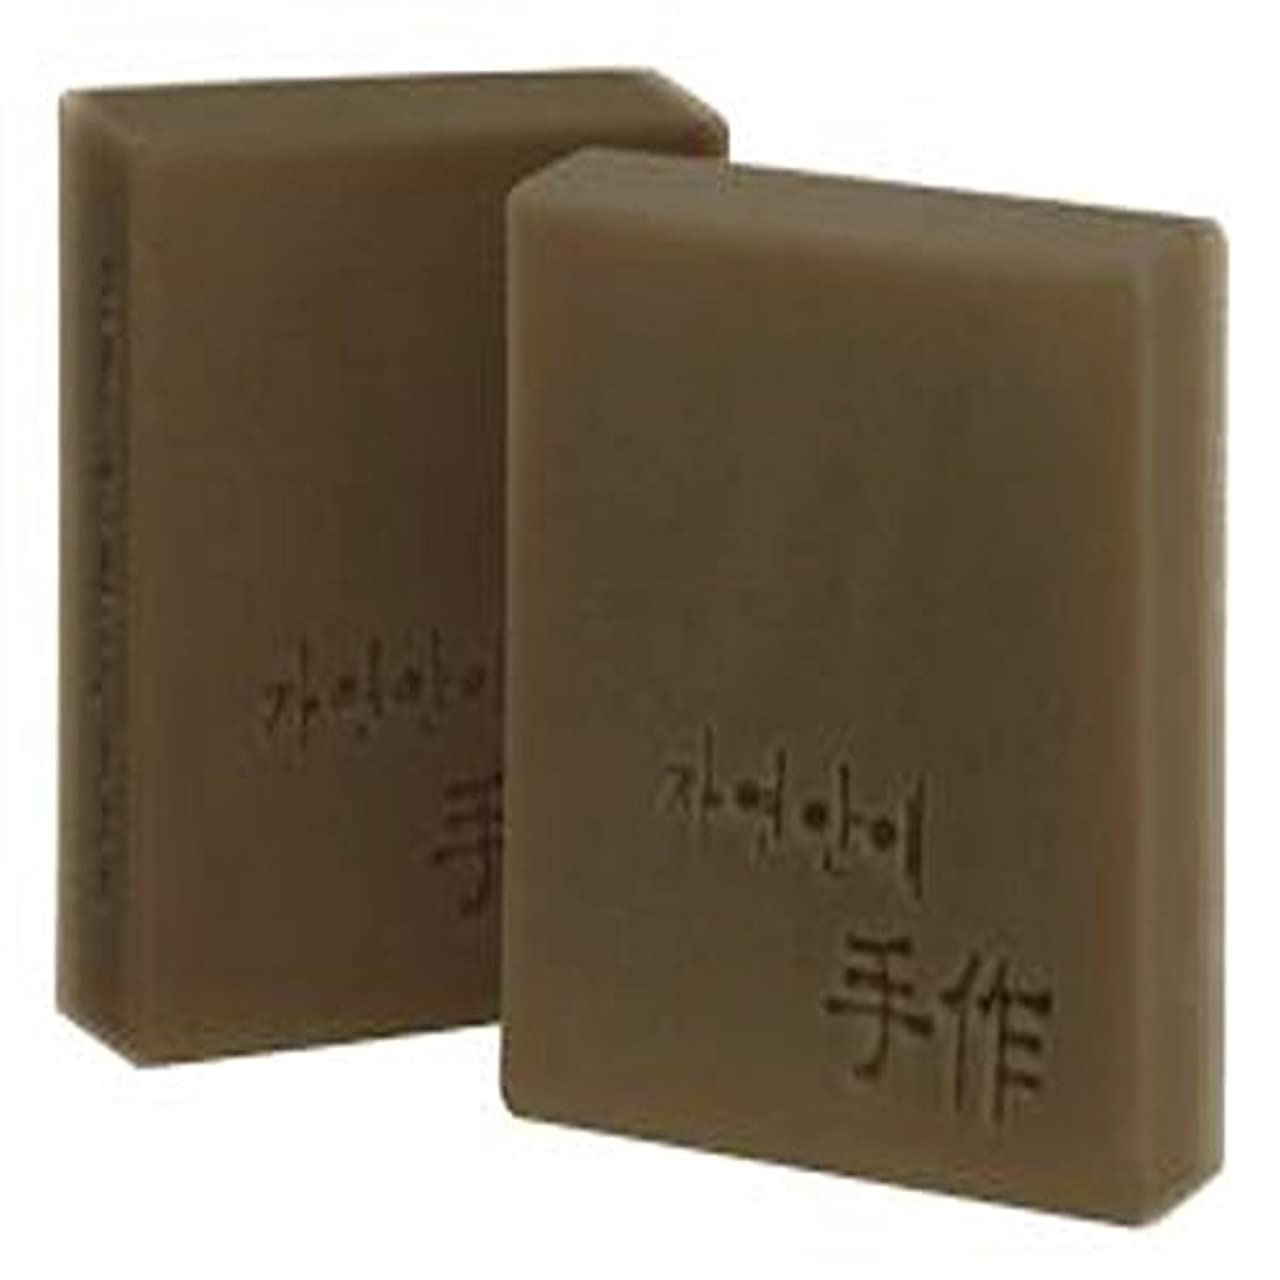 焦げどこでも検出するNatural organic 有機天然ソープ 固形 無添加 洗顔せっけんクレンジング 石鹸 [並行輸入品] (Apple)